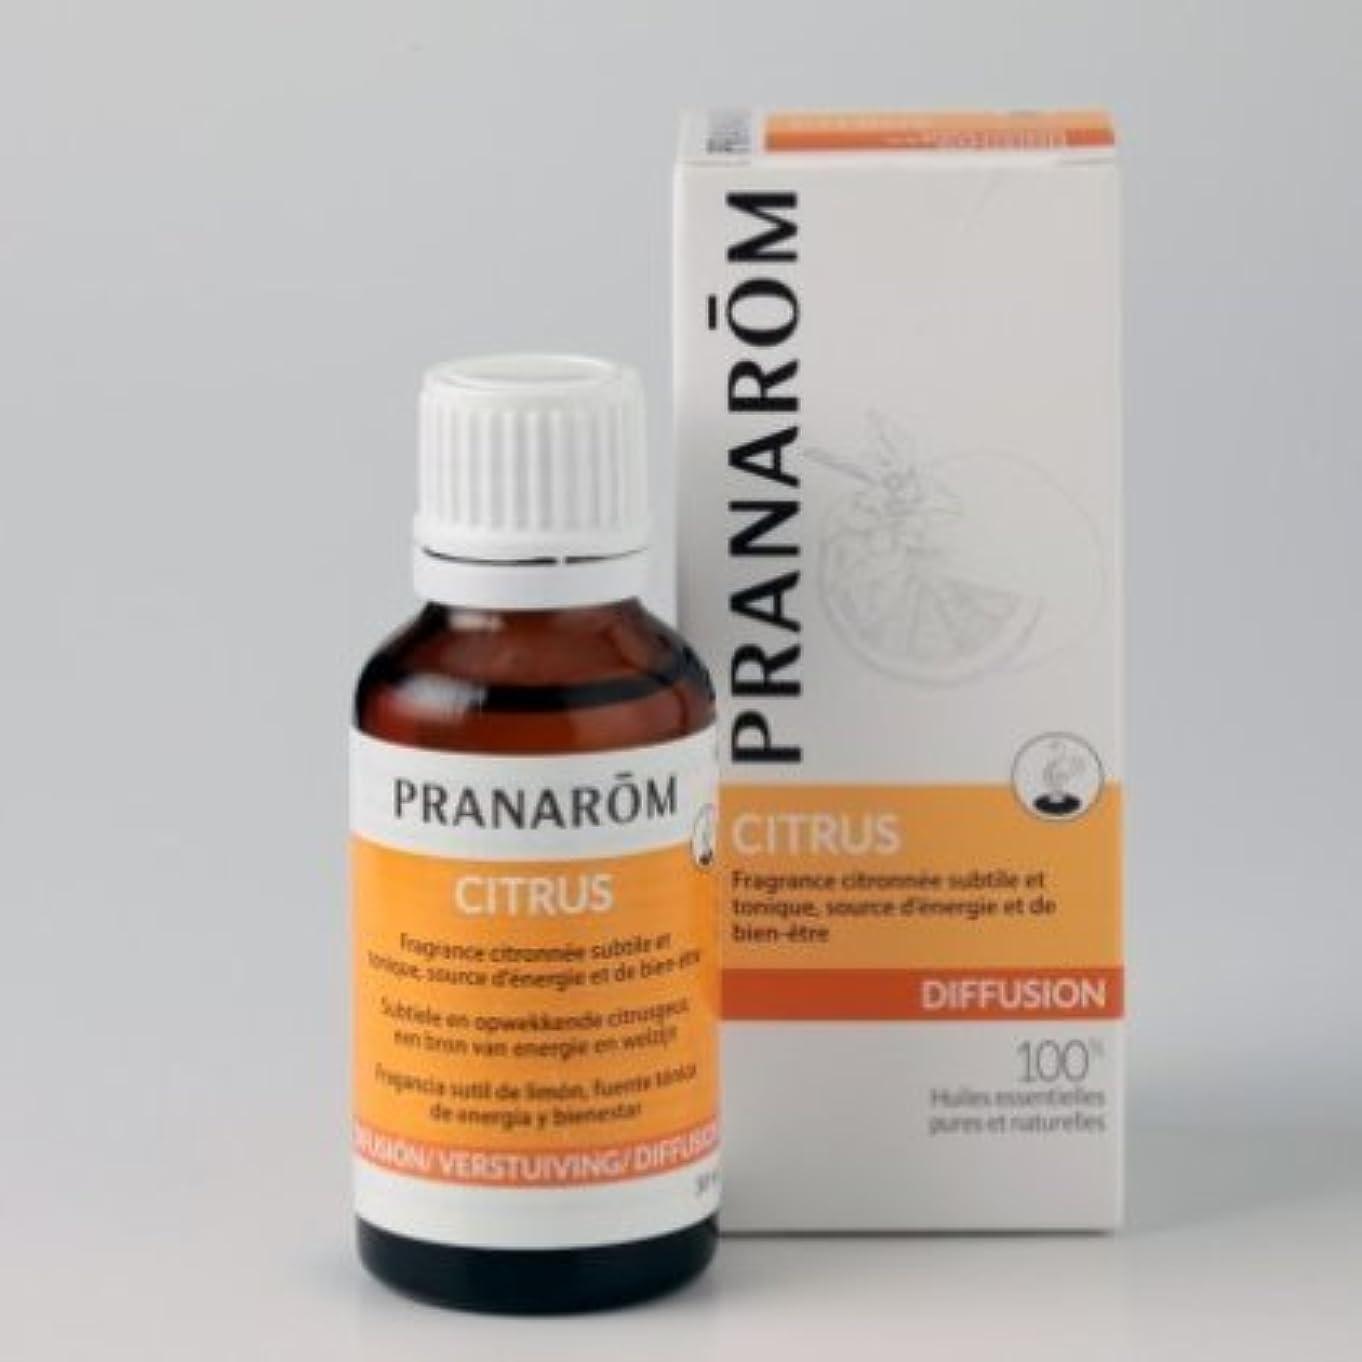 ねばねば直立流行しているプラナロムルームコロン 柑橘畑のゆりかご【シトラス】